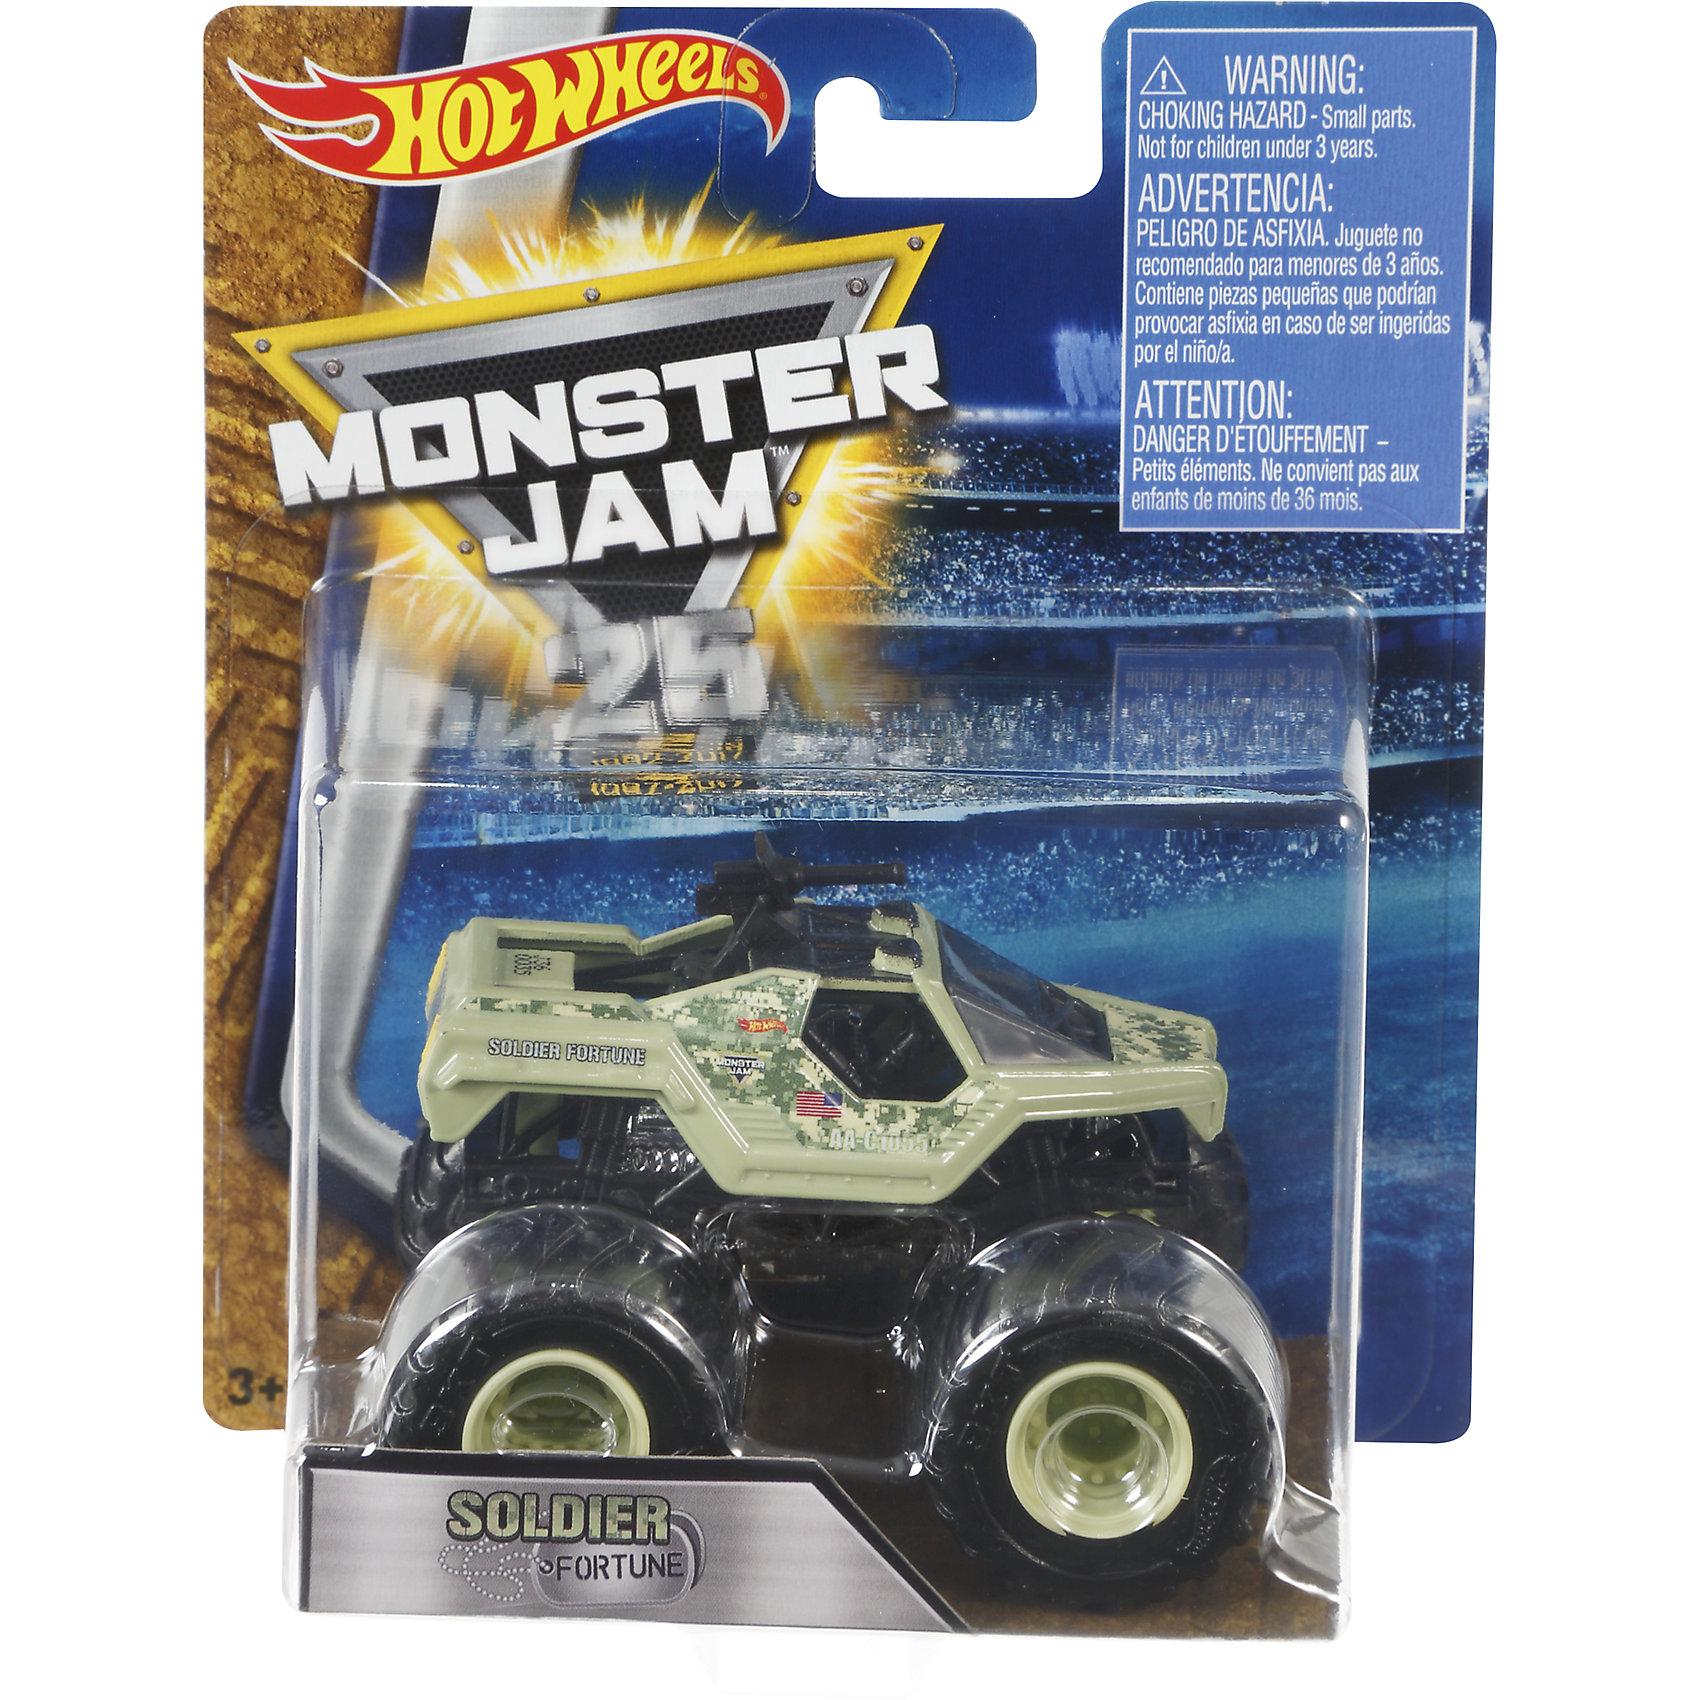 Машинка 1:64,  Monster Jam, Hot WheelsХарактеристики игрушечной машинки Hot Wheels:<br><br>• серия: Monster Jam;<br>• масштаб: 1:64;<br>• литой корпус;<br>• хромированные диски;<br>• проходимость колес; <br>• длина машинки: 8,5 см;<br>• размер упаковки: 17,5х14х7,5 см;<br>• вес в упаковке: 115 г.<br><br>Игрушечная модель машинки Hot Wheels на мощных колесах большого диаметра отличается высокой проходимостью, претендует на первенство в гонках, имеет литой корпус. Комбинированное использования пластика и металла делает машинку прочной и устойчивой к ударам и падениям. Тюнинг трюкового внедорожника Monster Jam соответствует пожеланиям юных коллекционеров линейки автомобилей Hot Wheels. <br><br>Машинку 1:64, Monster Jam, Hot Wheels можно купить в нашем интернет-магазине.<br><br>Ширина мм: 65<br>Глубина мм: 140<br>Высота мм: 175<br>Вес г: 130<br>Возраст от месяцев: 36<br>Возраст до месяцев: 84<br>Пол: Мужской<br>Возраст: Детский<br>SKU: 5285009